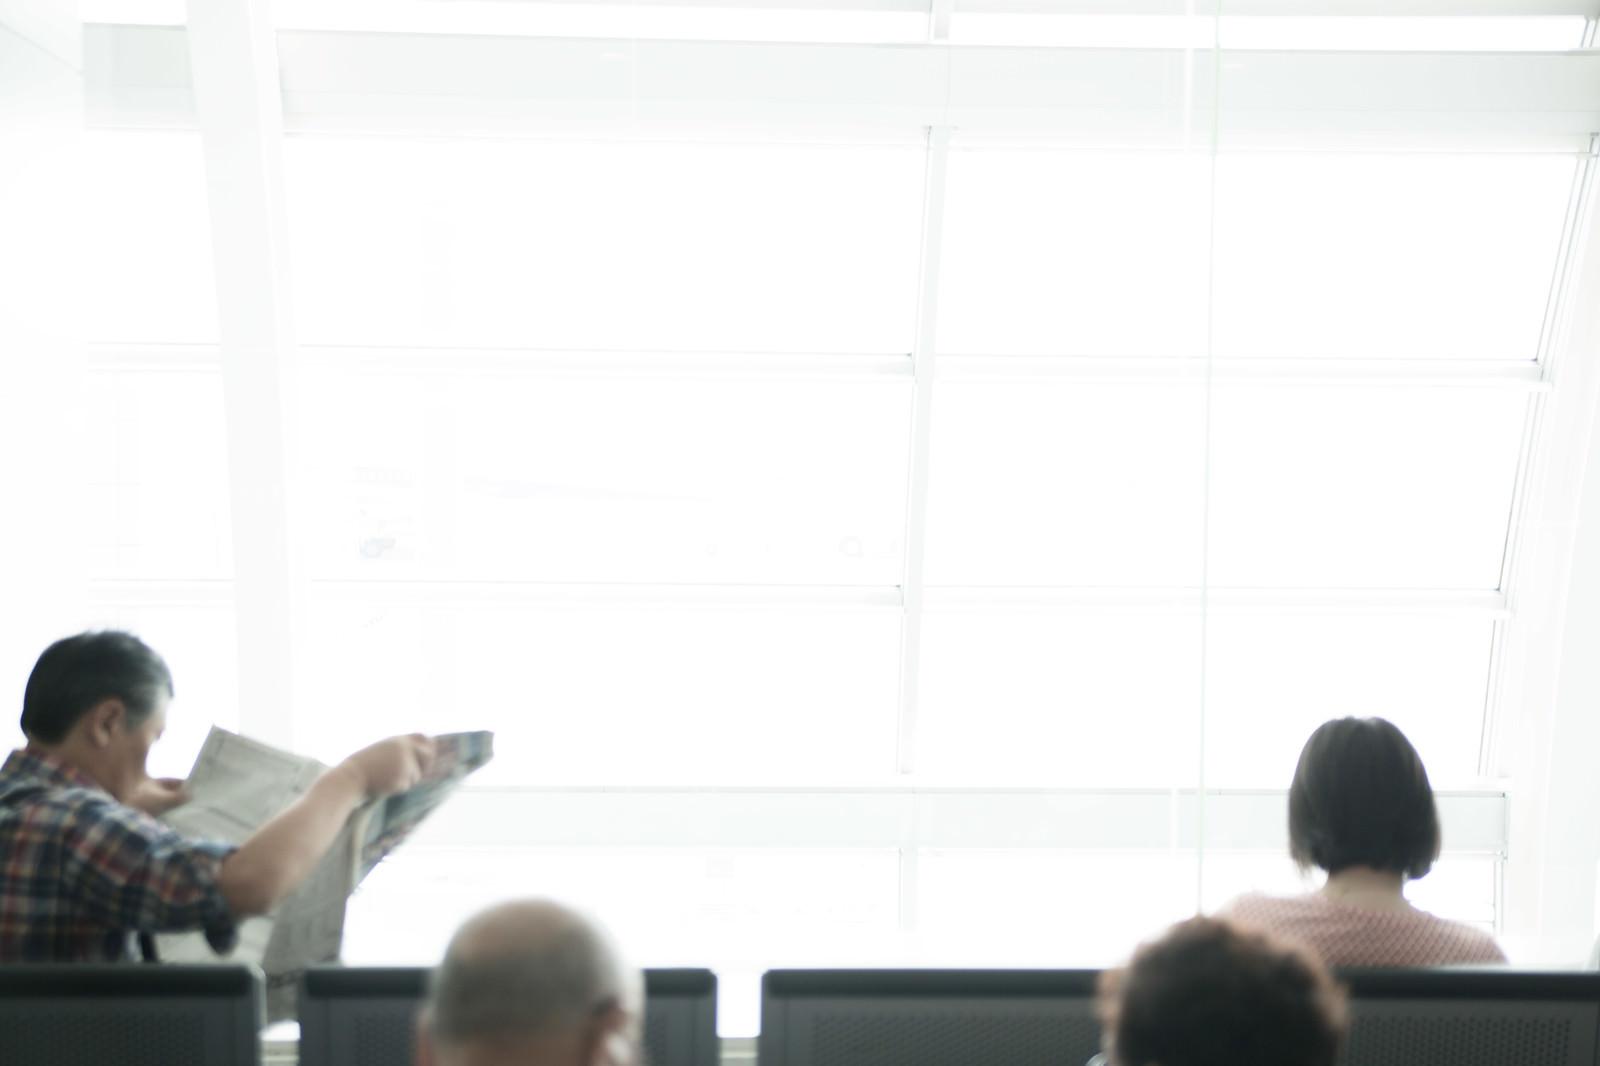 「空港の待機ロビーの人たち」の写真